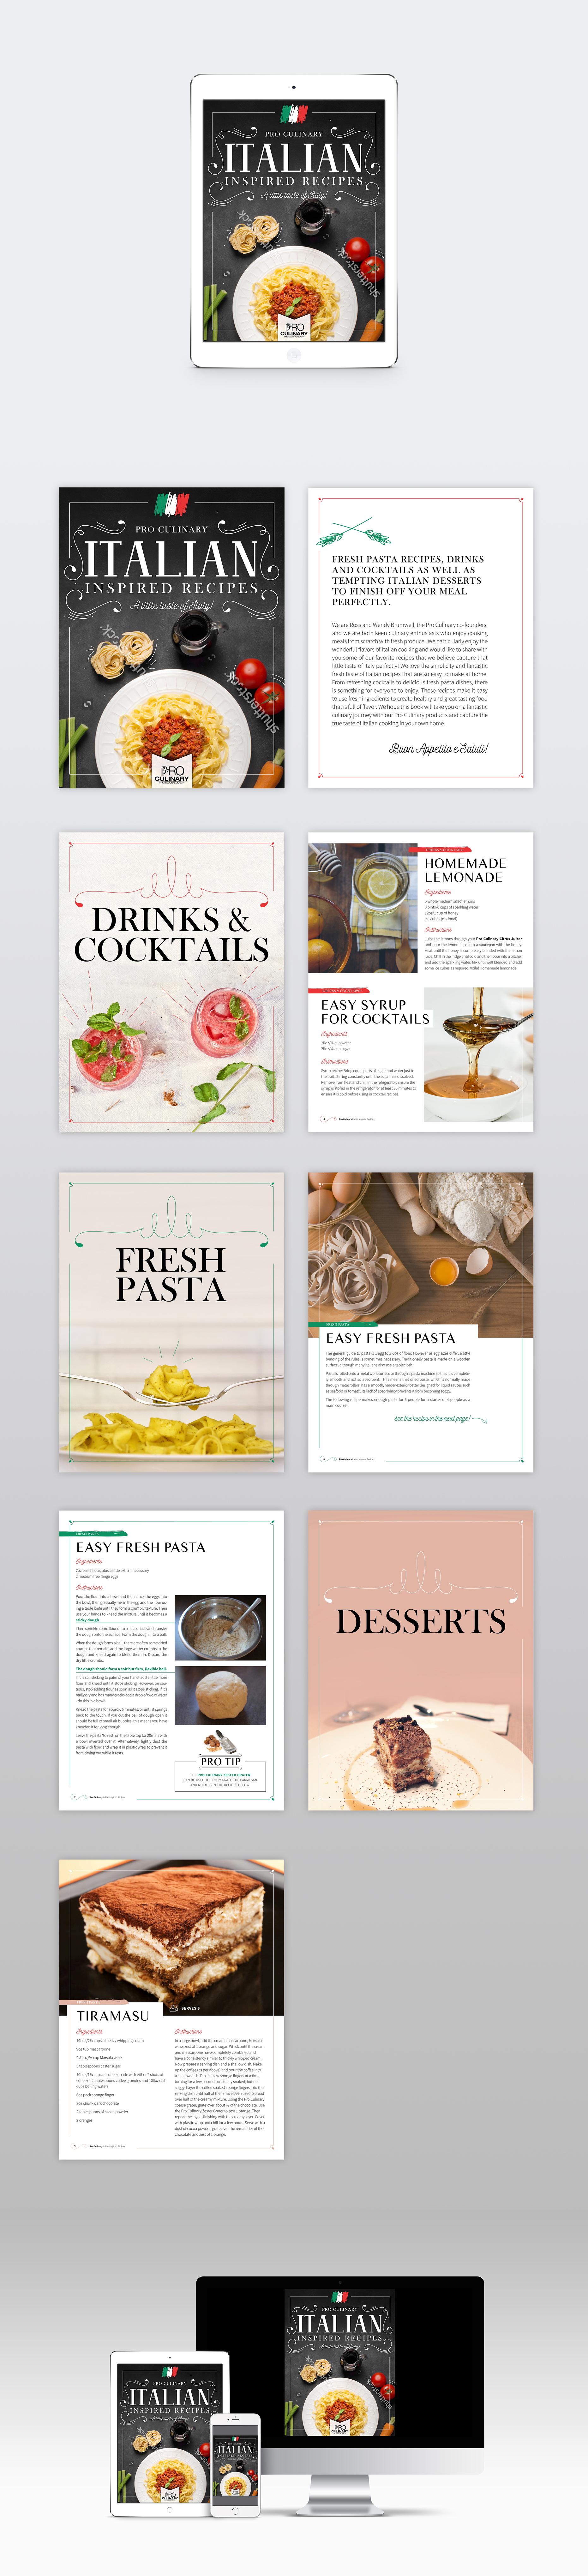 27 deliciously designed cookbook covers italian recipe s ebook